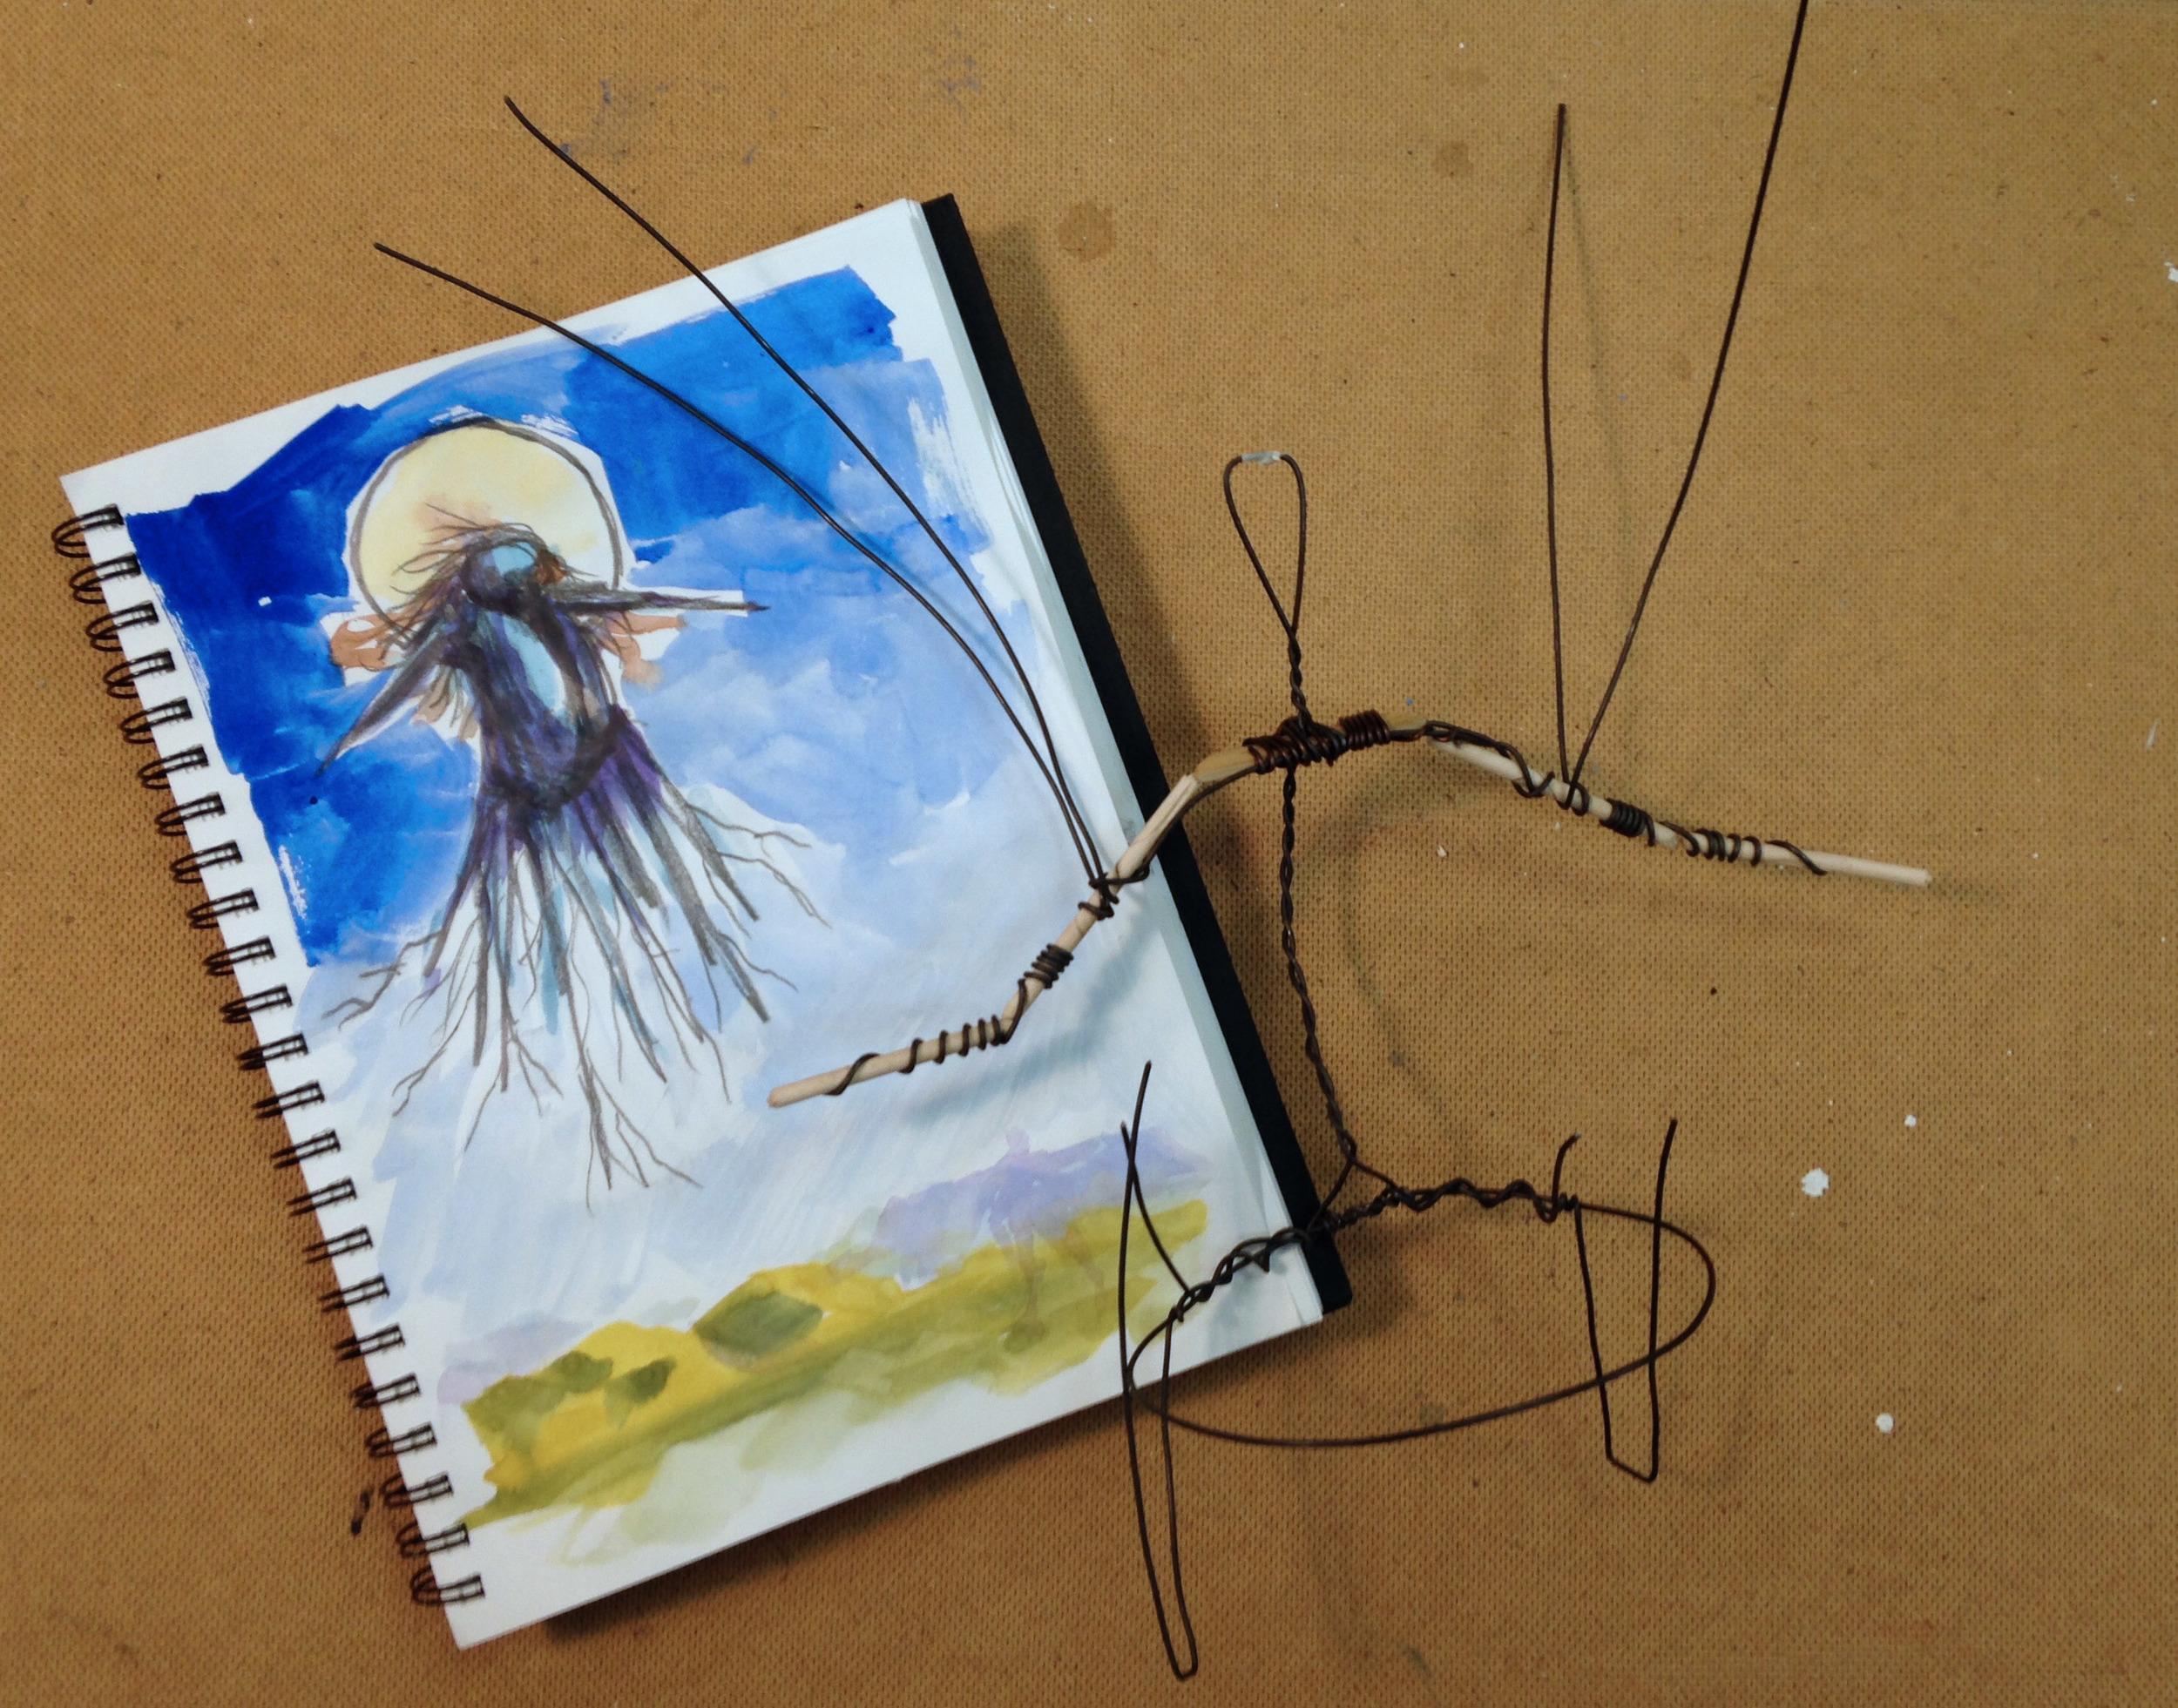 Wire armature begins